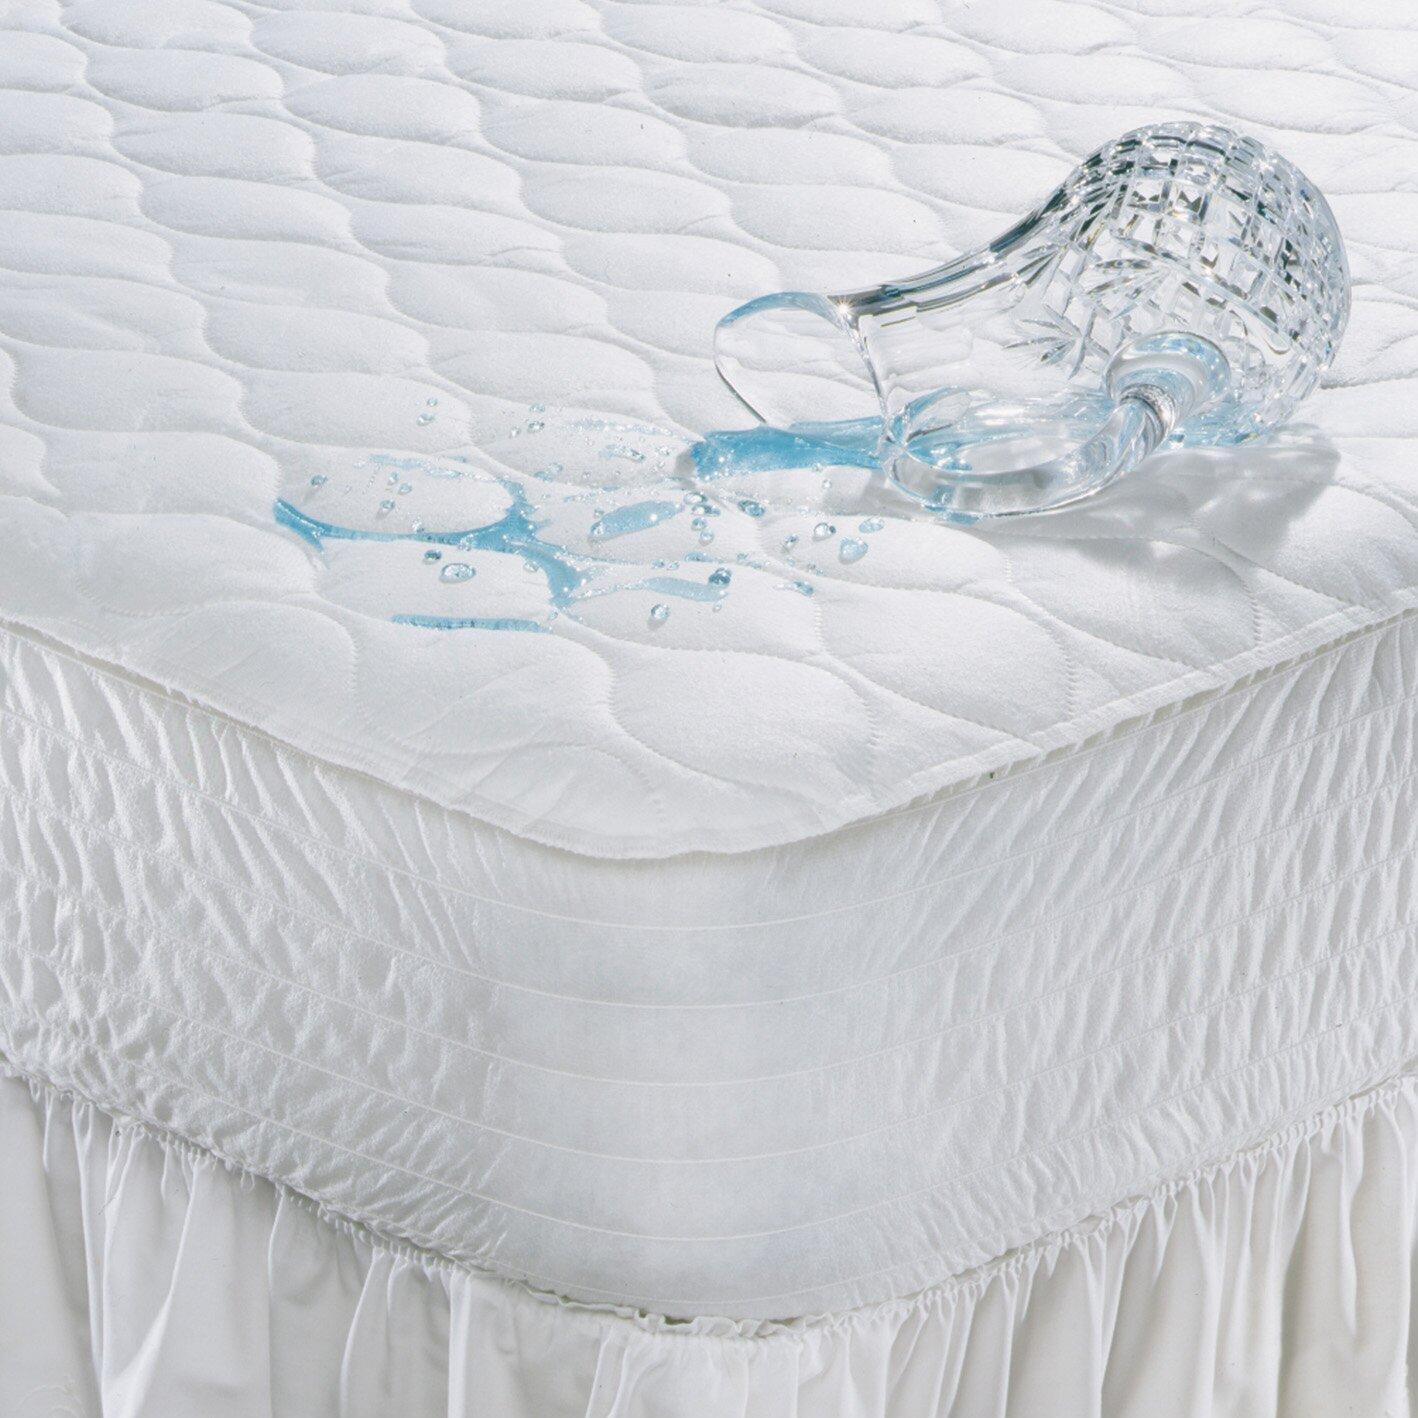 Simmons Beautyrest Polyester Waterproof Mattress Pad & Reviews .